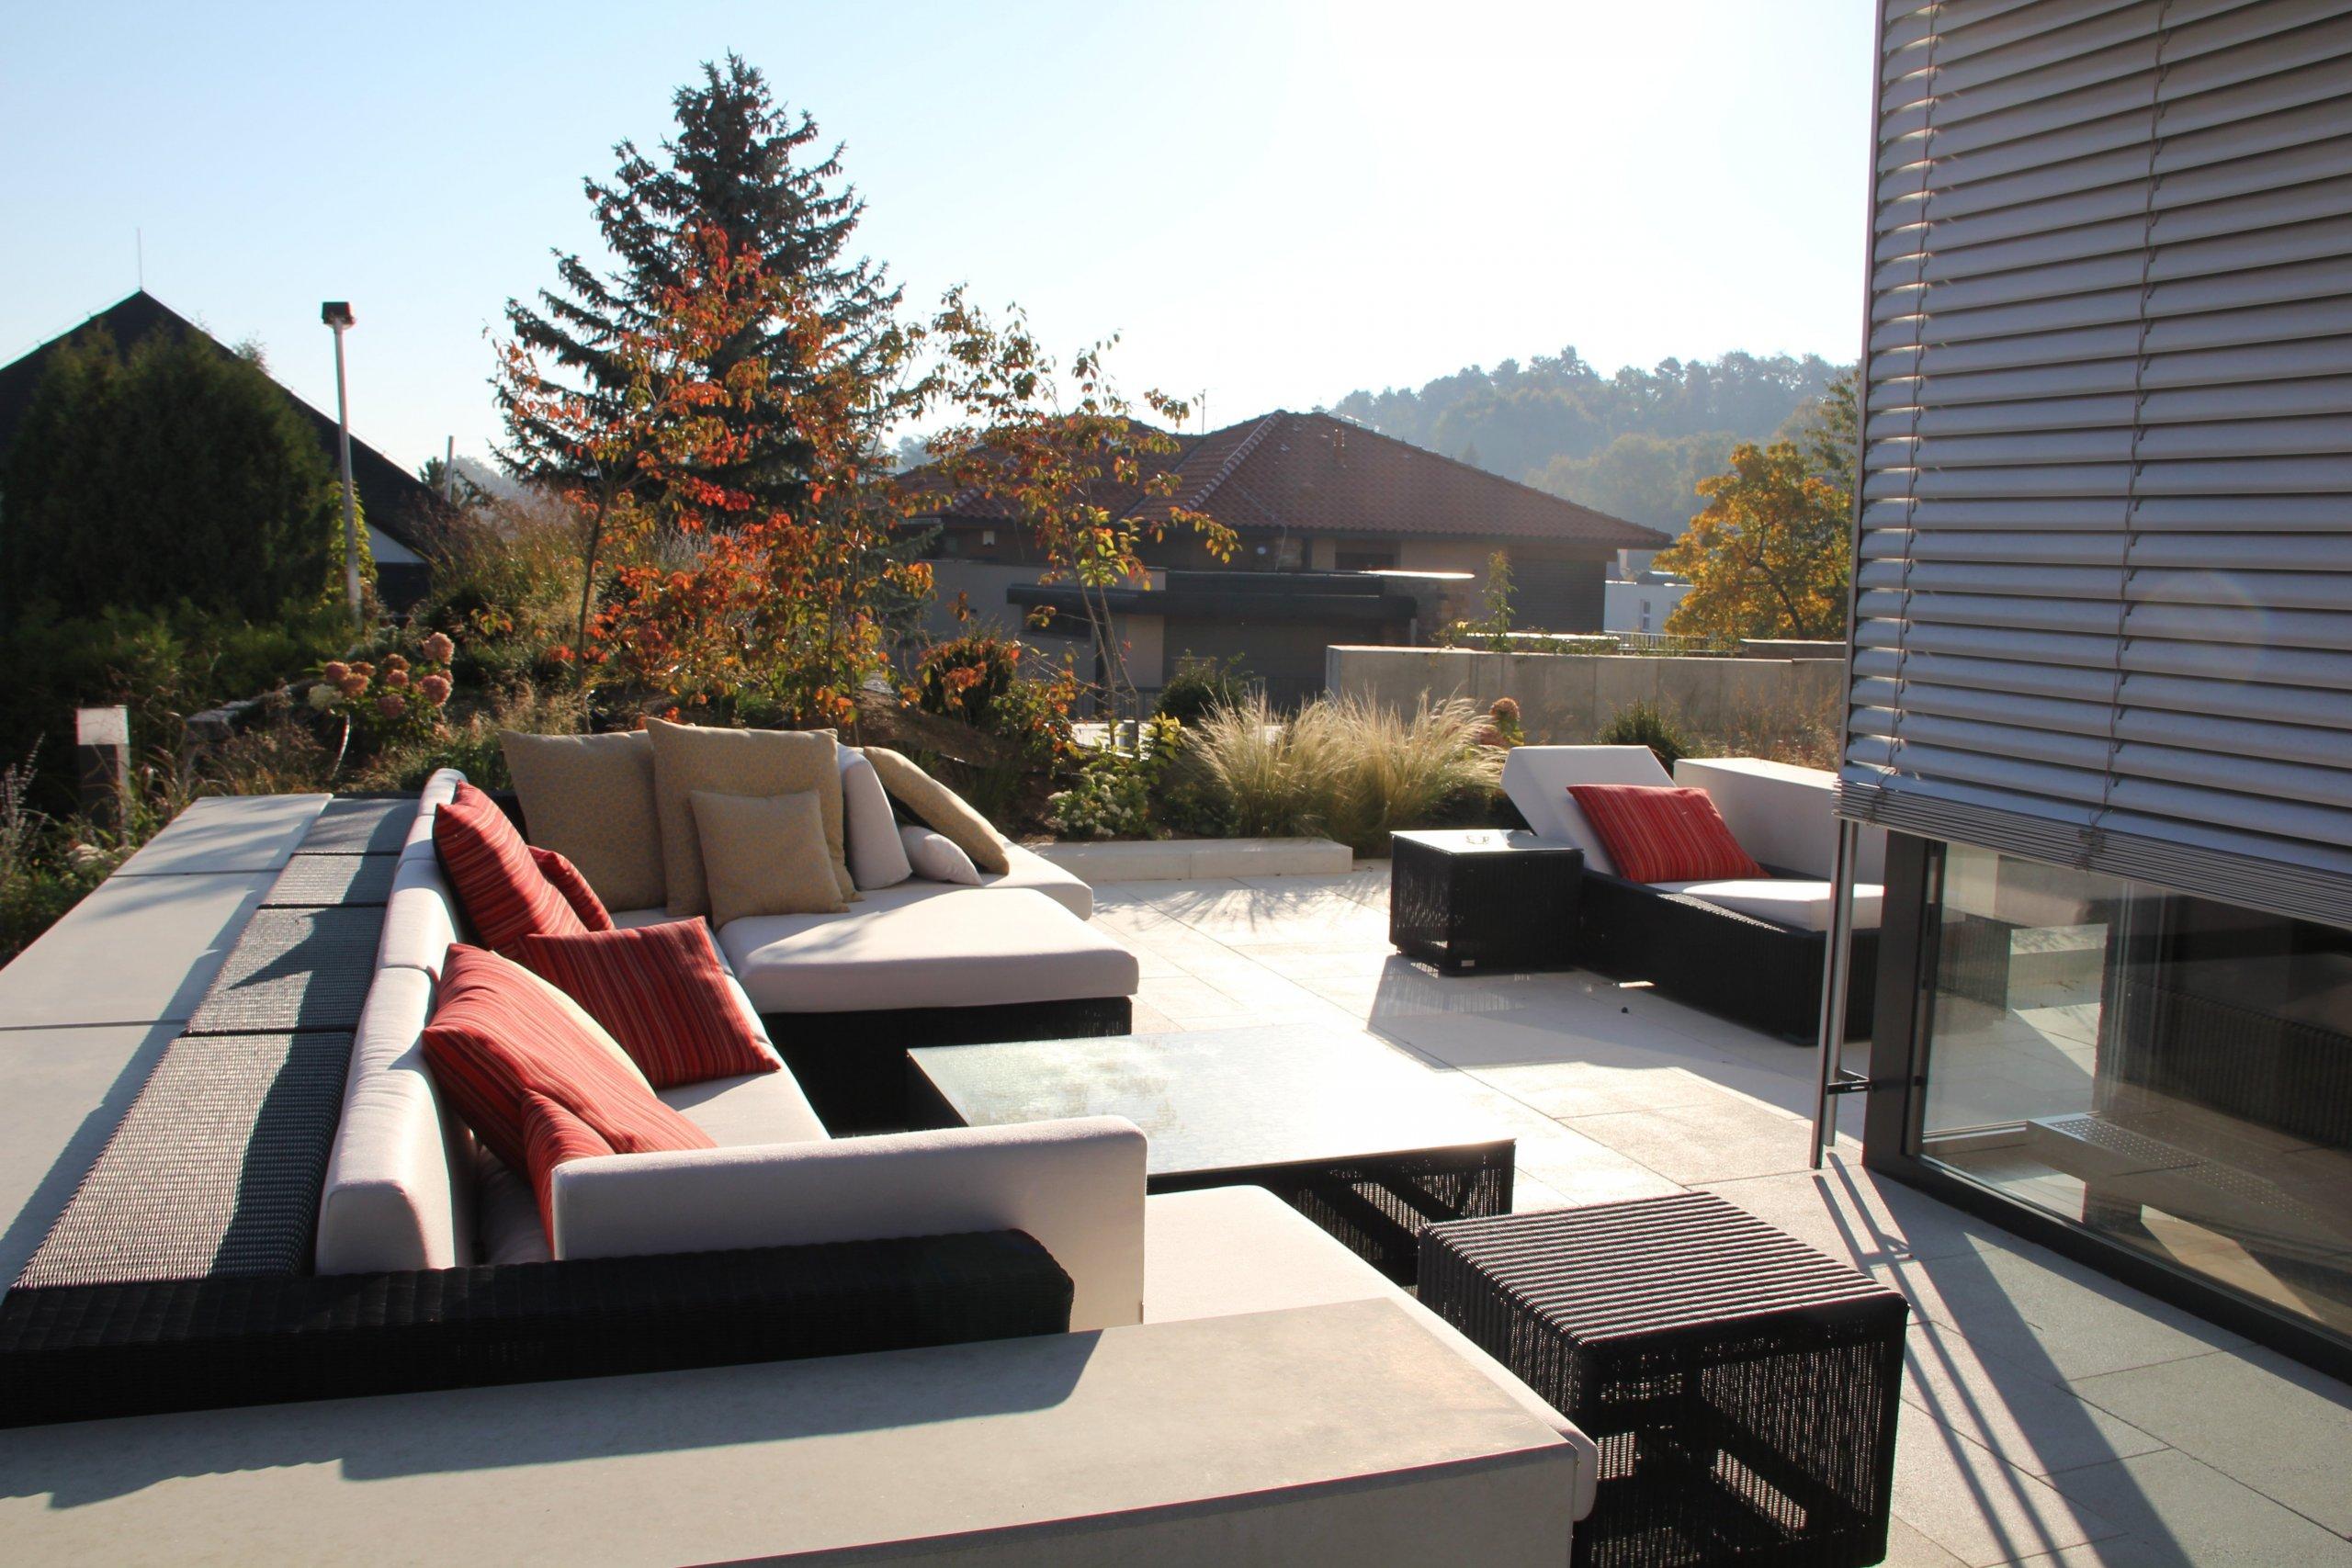 """Výsadba keřů tvoří """"pomyslná záda"""" posezení, zároveň umožňuje dlouhé výhledy do okolí. Obzvlášť působivé jsou na podzim, kdy se listy rostlin vybarvují do odstínů červené a žluté a zahrada je tak barevně vyladěna do posledního detailu."""